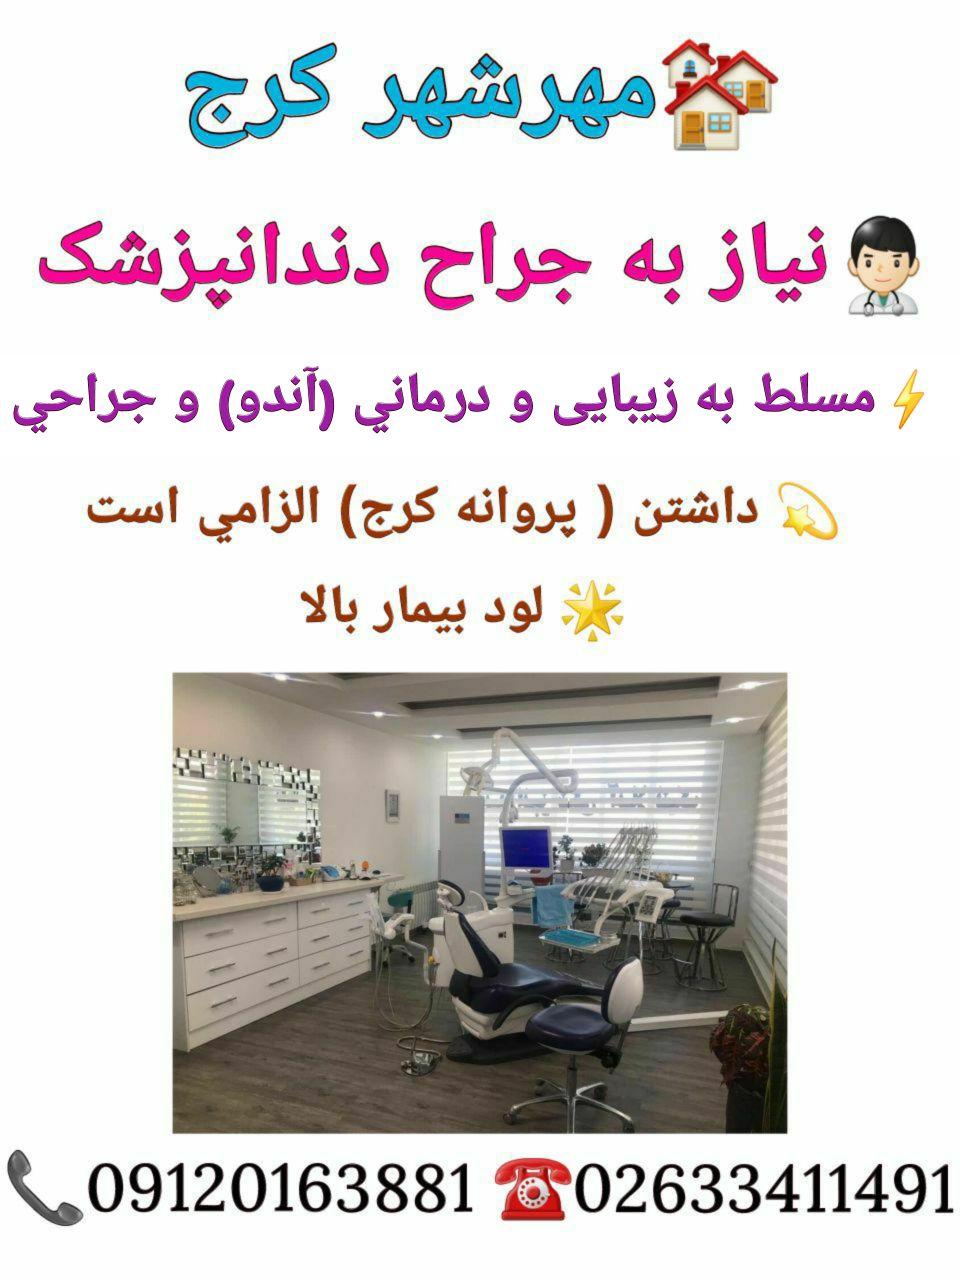 مهرشهر کرج: نیاز به جراح دندانپزشک